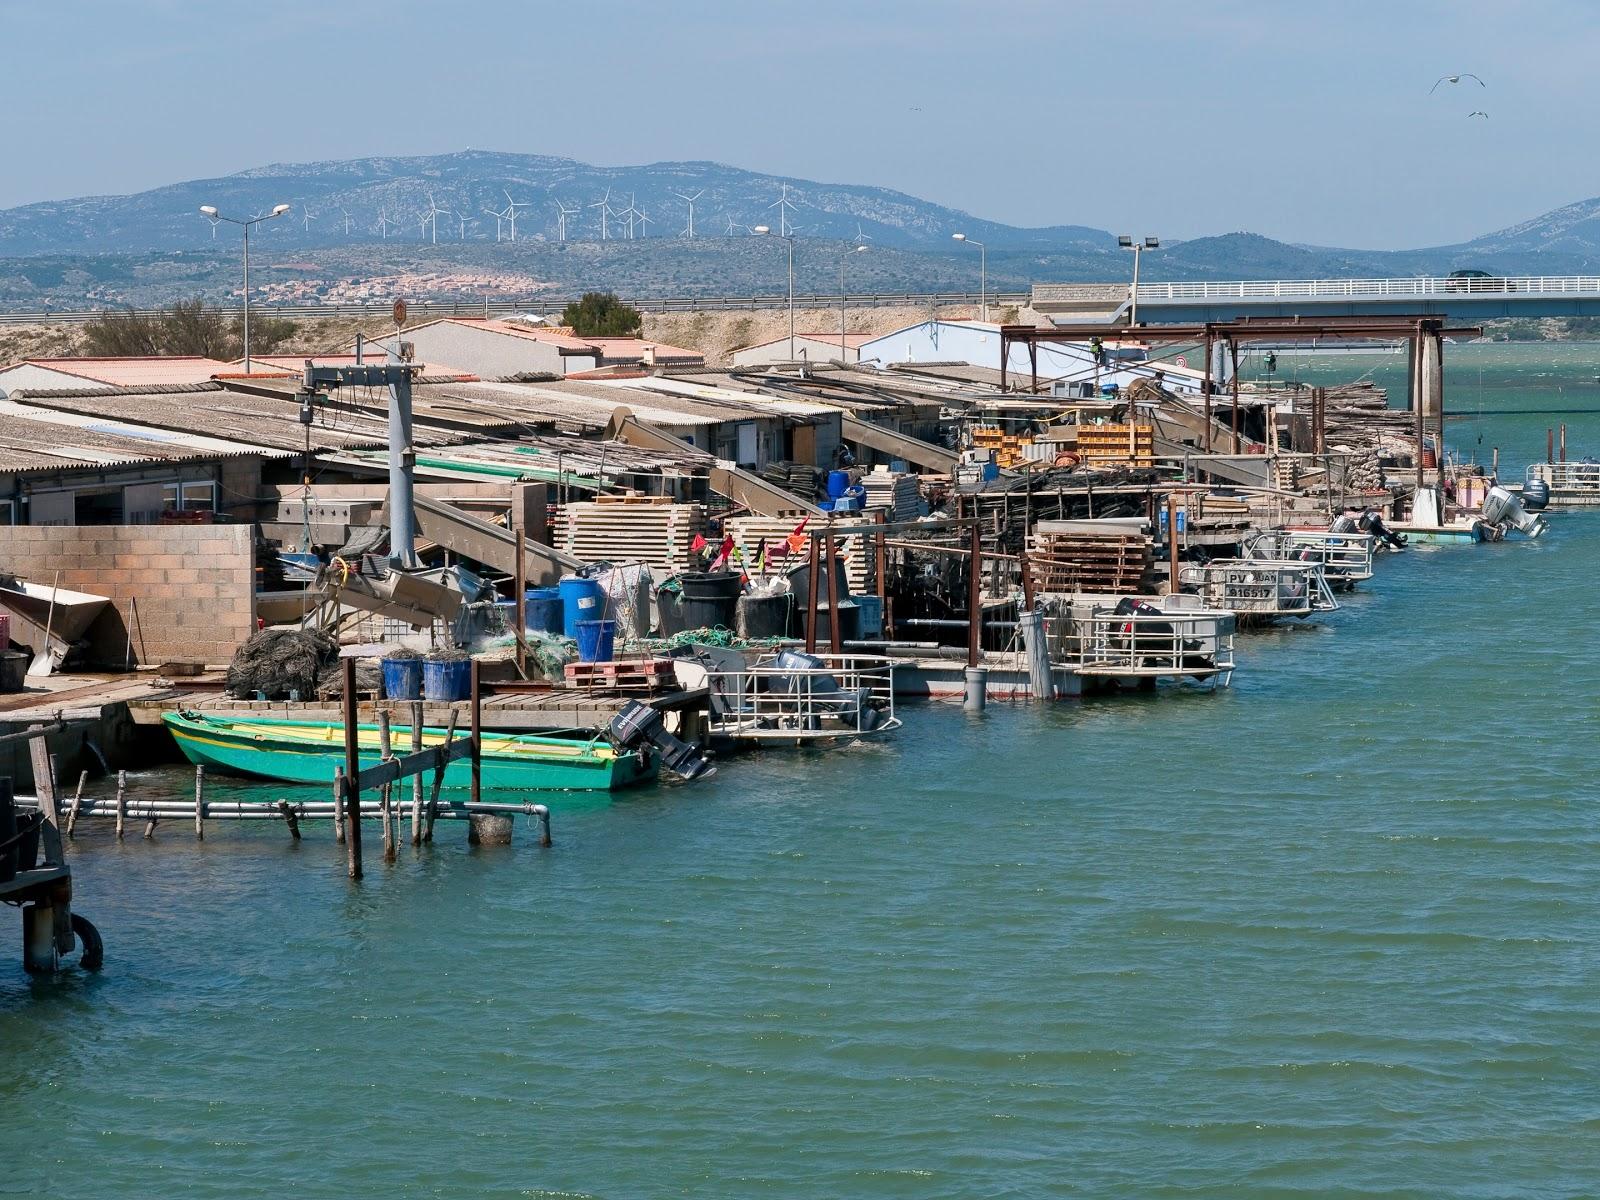 Ocio para familias port leucate francia - Pharmacie port leucate ...